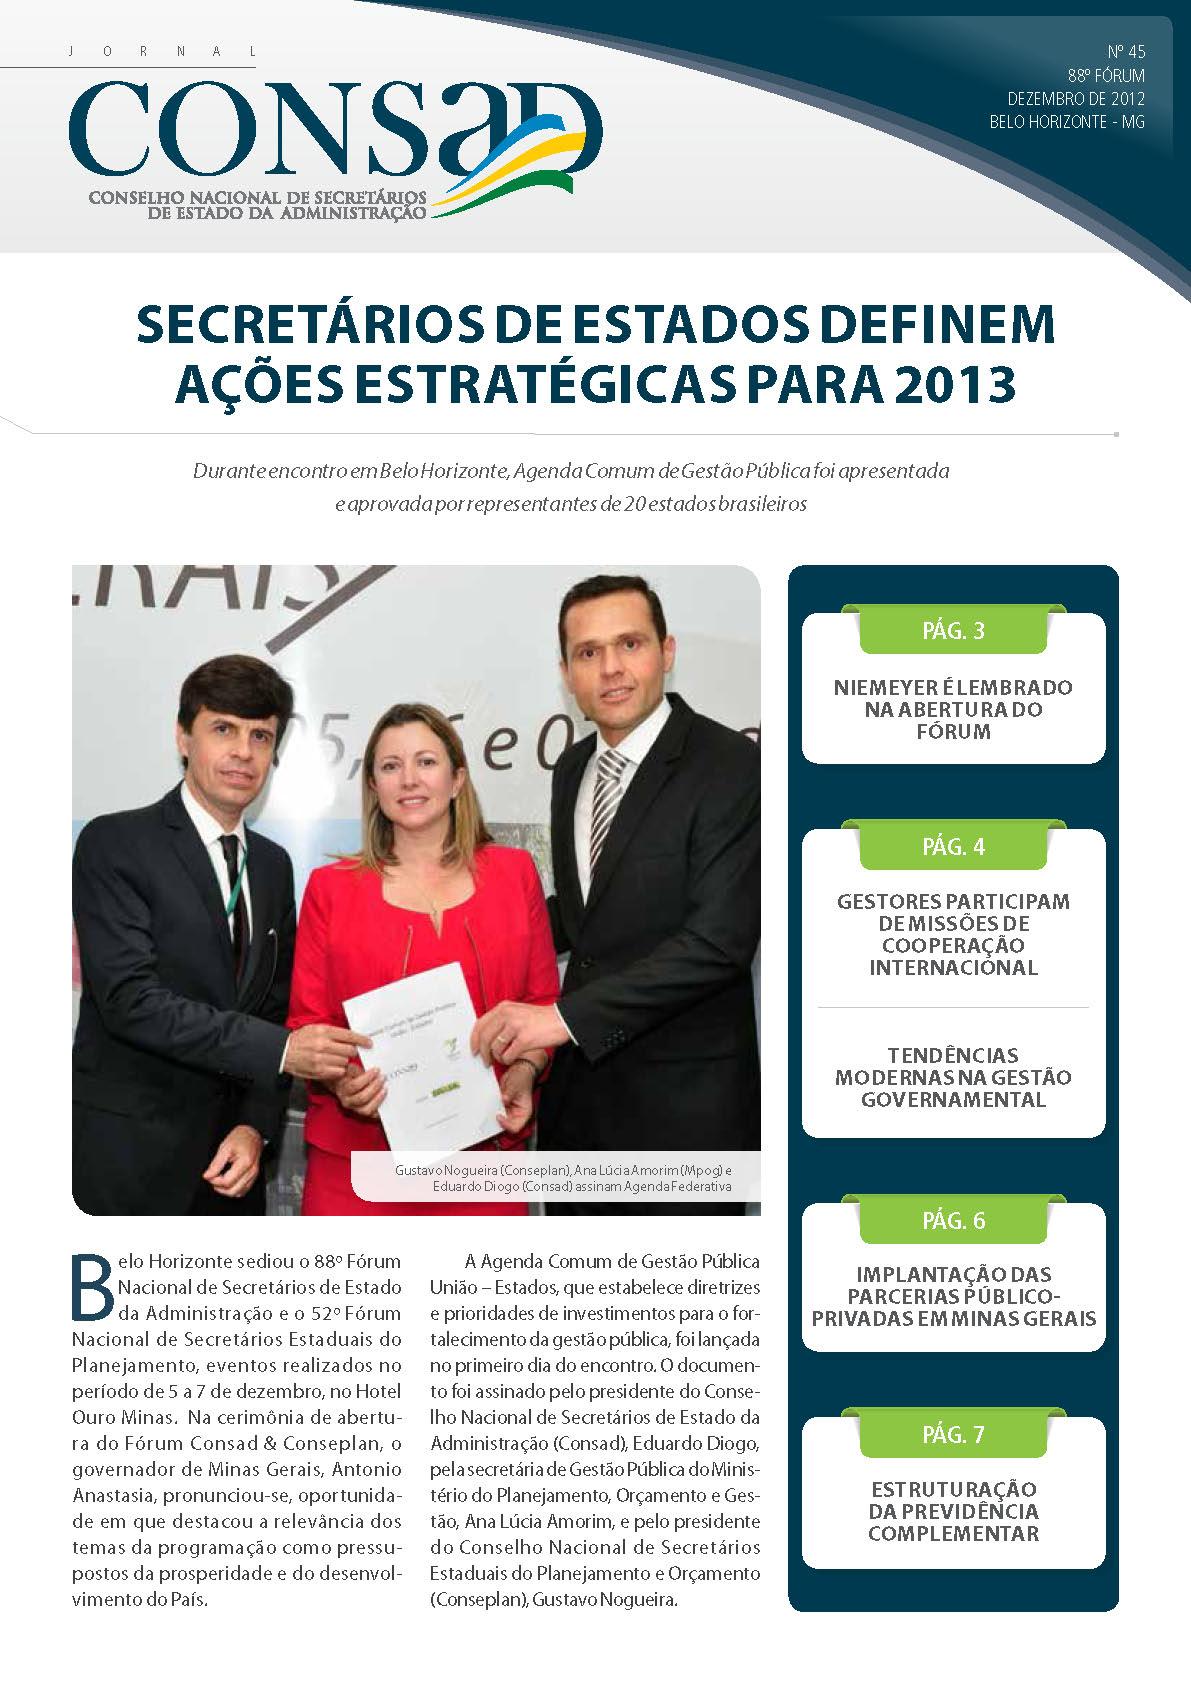 Jornal do Consad Número 45 – Dezembro de 2012